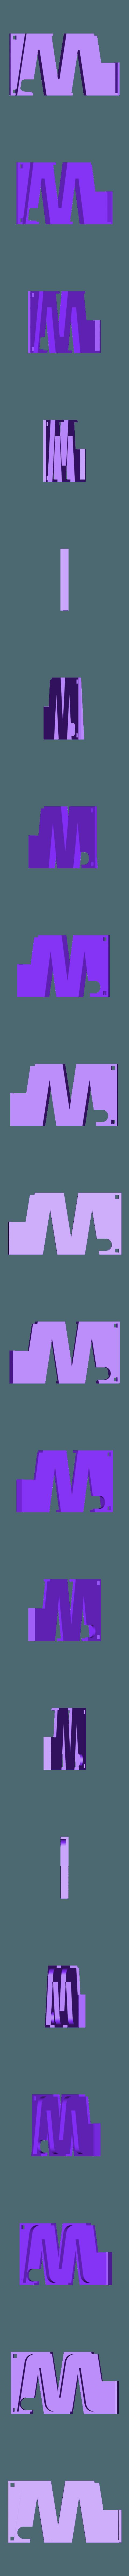 """Track_Zigzag.stl Download free STL file Marblevator """"Mini"""", Zigzag Edition Track • 3D print design, gzumwalt"""